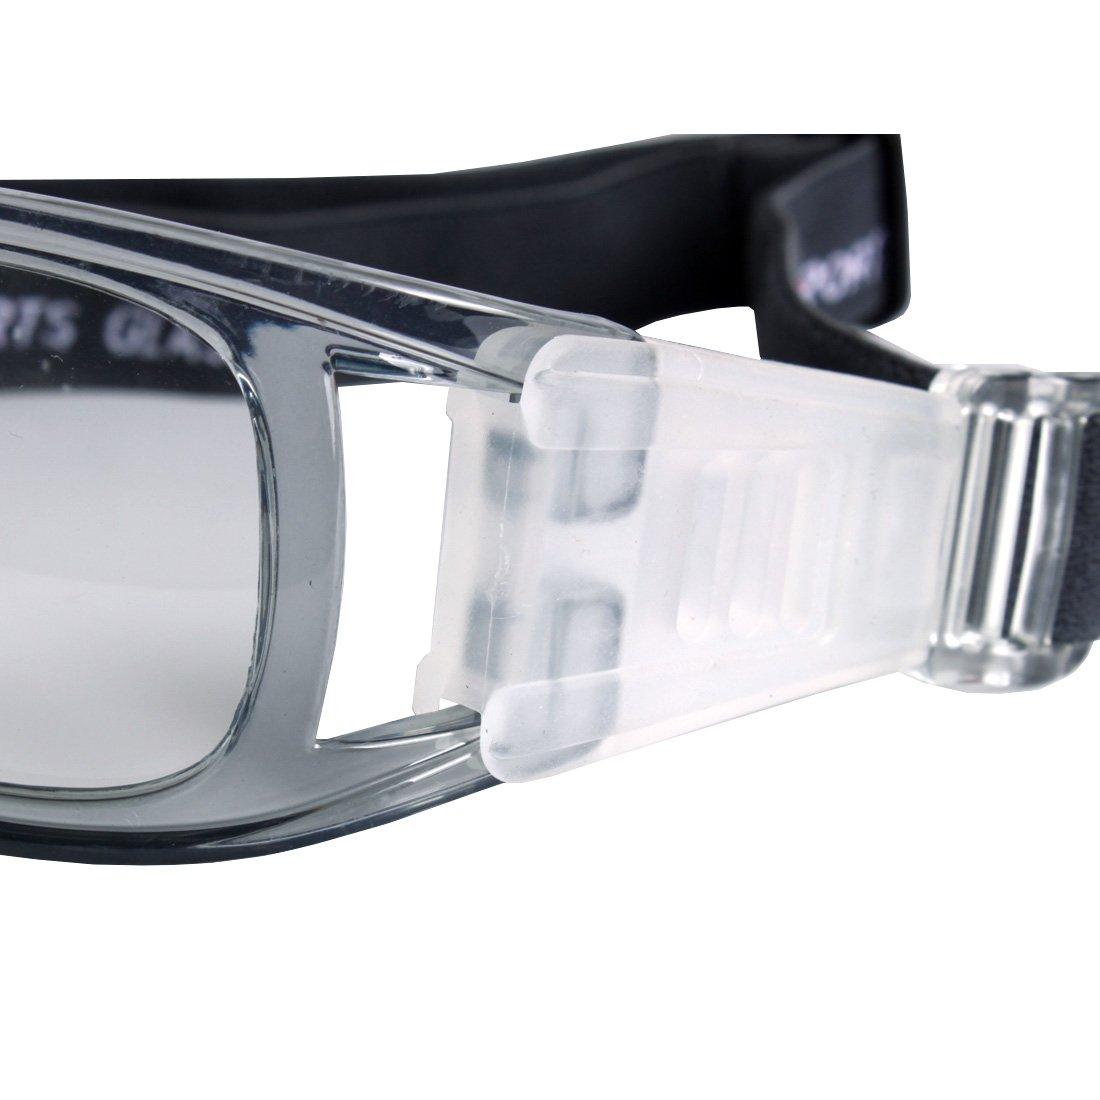 ef61caf57b Andux Baloncesto Fútbol Fútbol Deportes Gafas protectoras gafas Gafas de seguridad  LQYJ-01 (Azul)